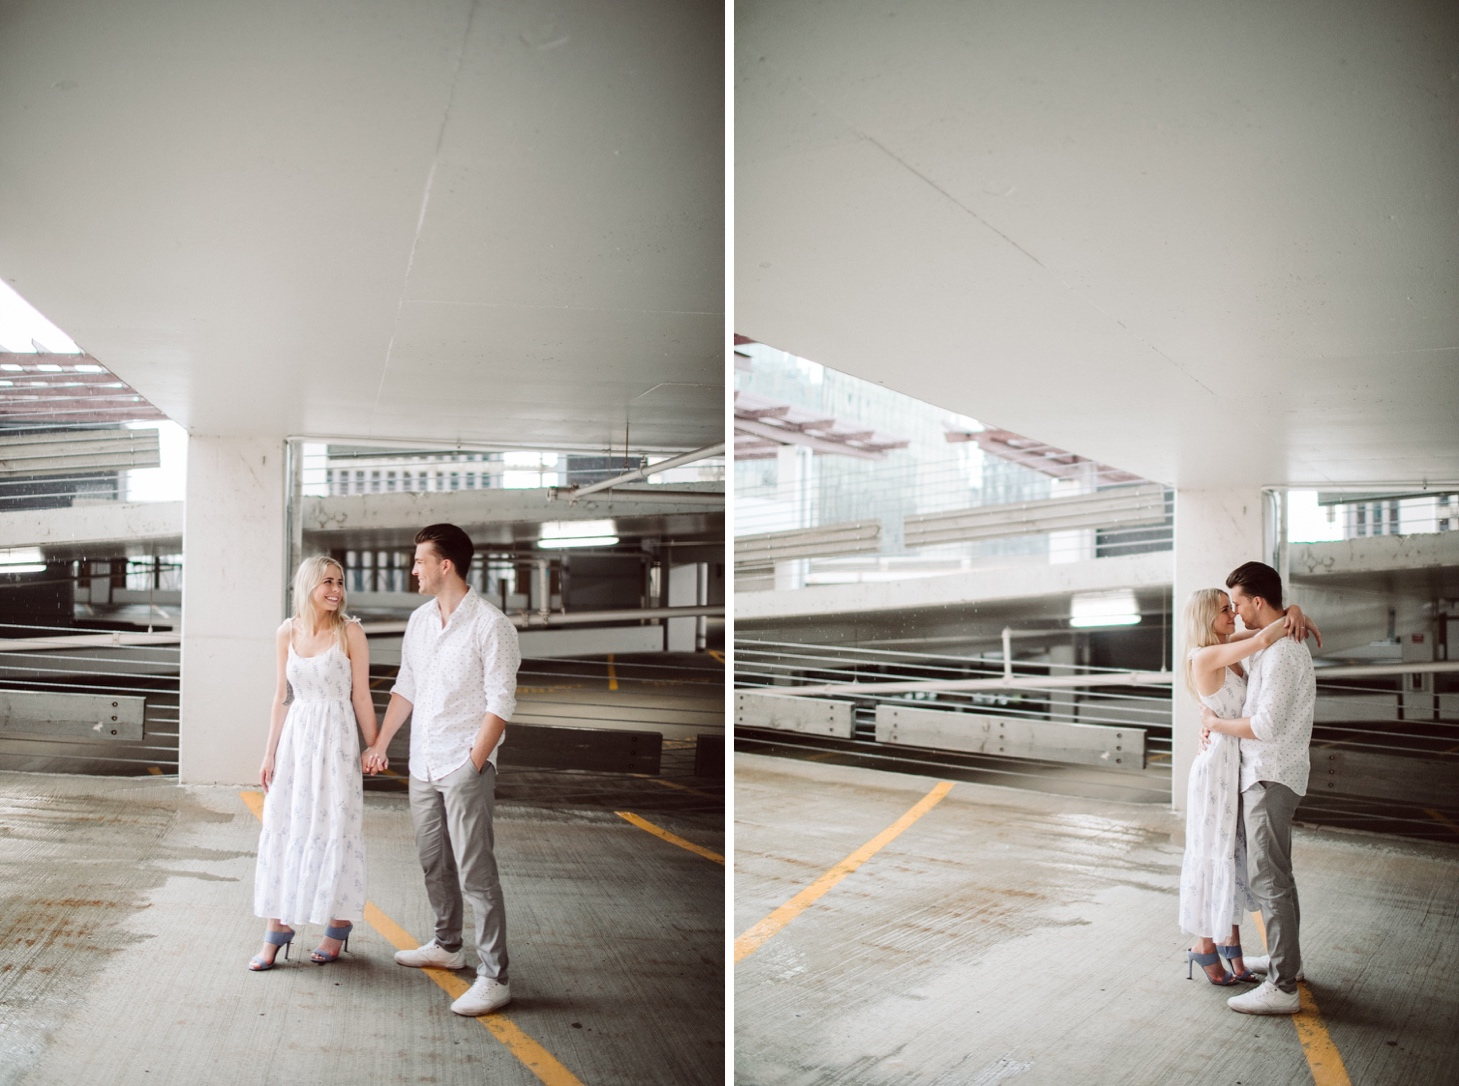 22_engagements-83_engagements-87_urbanphotography_stpaulphotos,_mnweddingphotographer,_kileymarissaphotography,_stpaulengagement,_stpaulminnesota_kileymarissa,_mnengagementphotos,.jpg